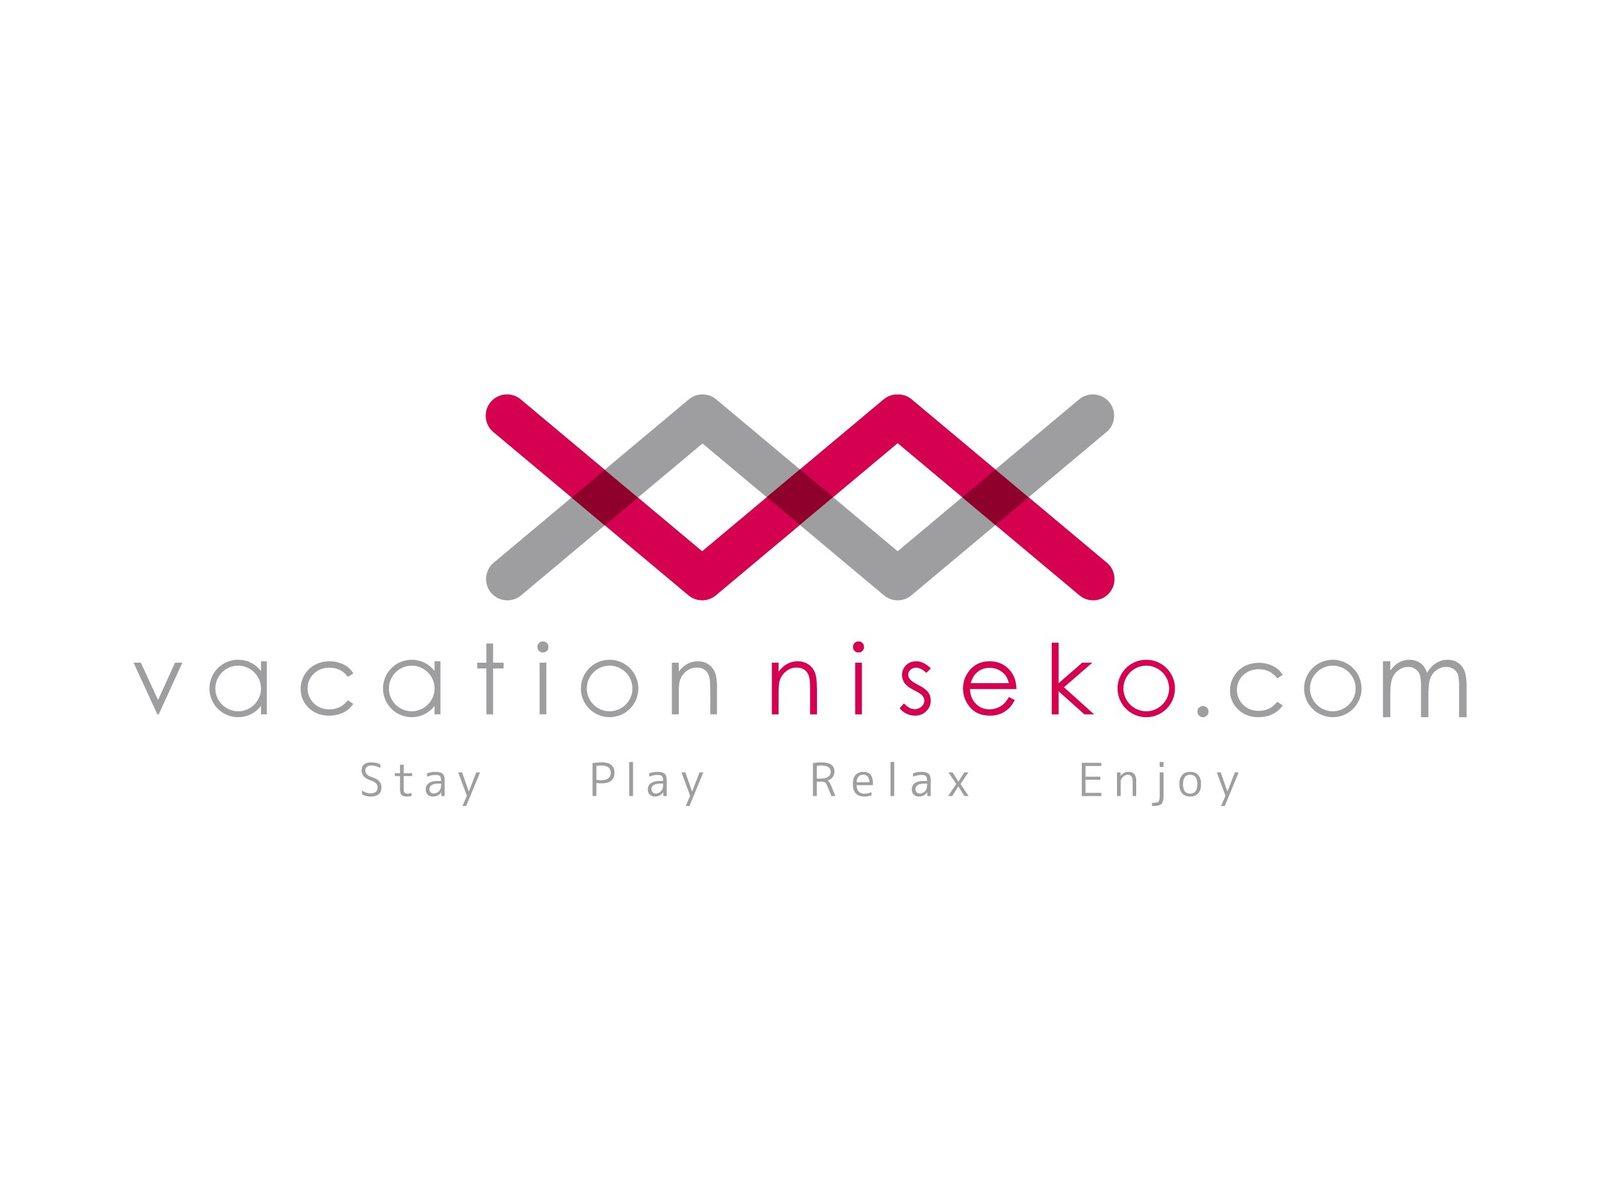 バケーションニセコのロゴ